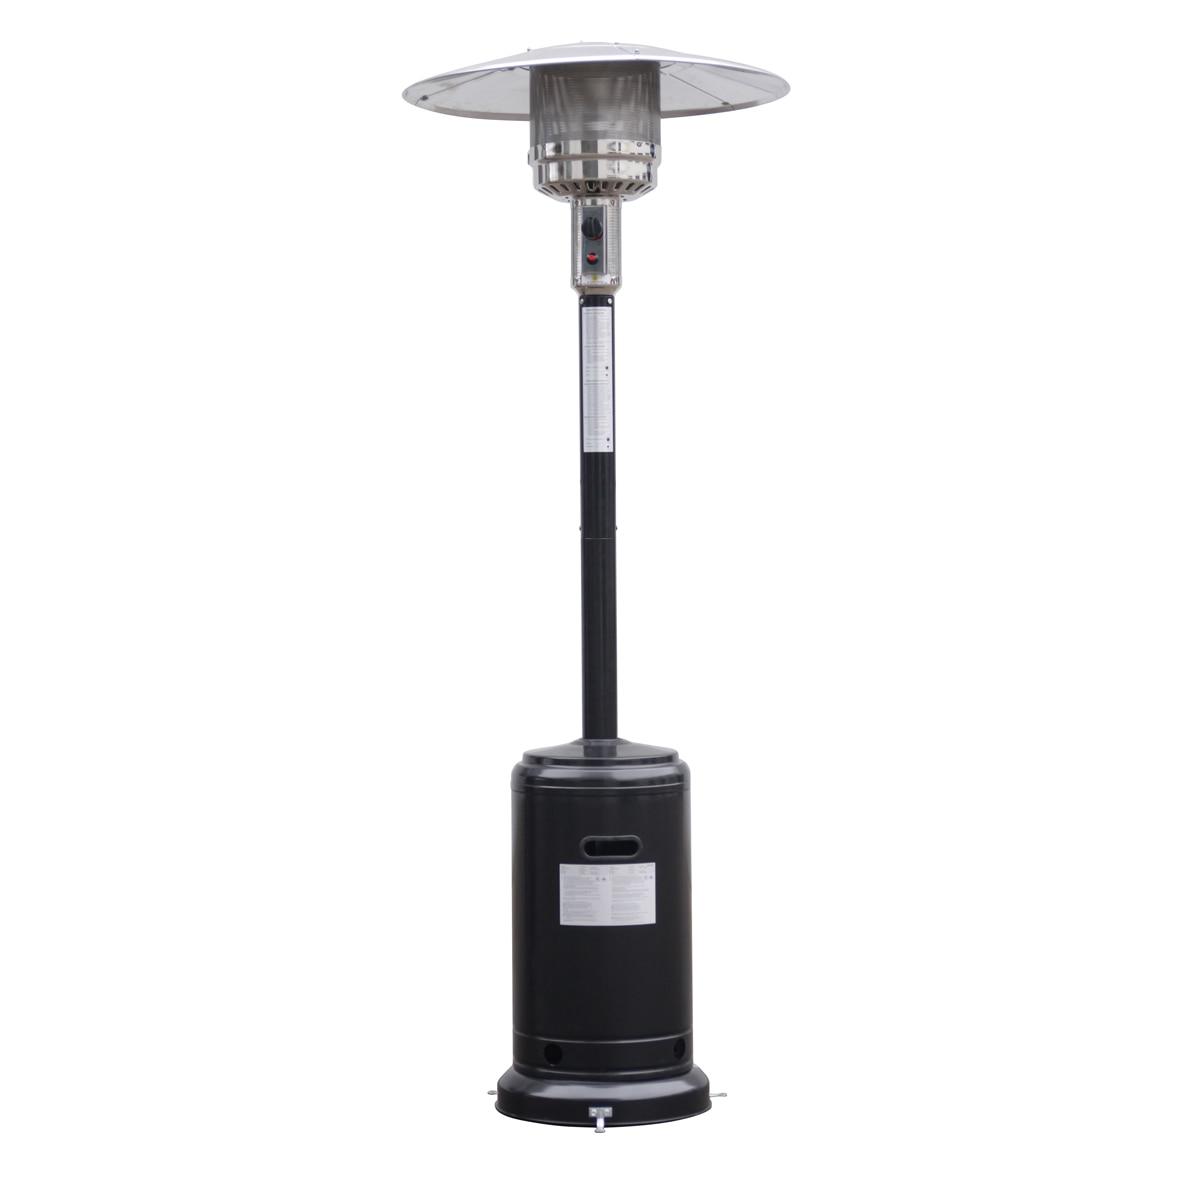 Costway Steel Outdoor Patio Heater Propane Lp Gas W/accessories (Black)